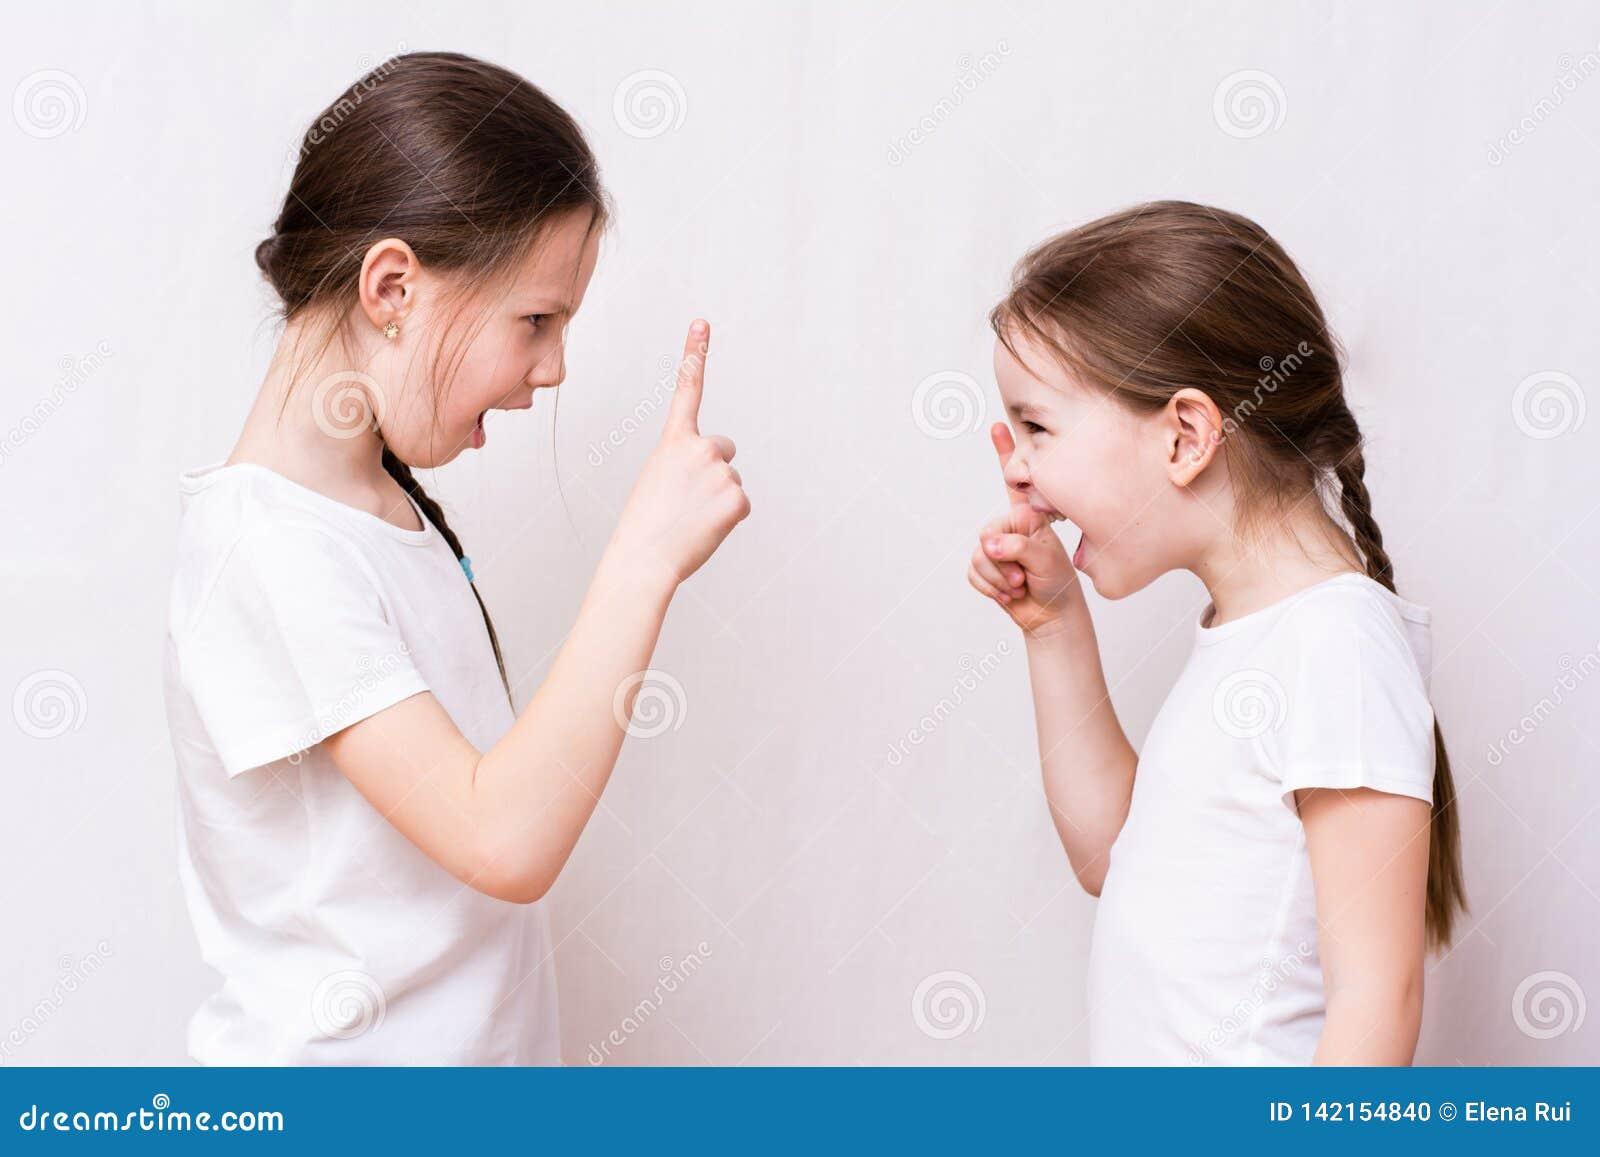 Ссора 2 сестер девушек сильно друг с другом